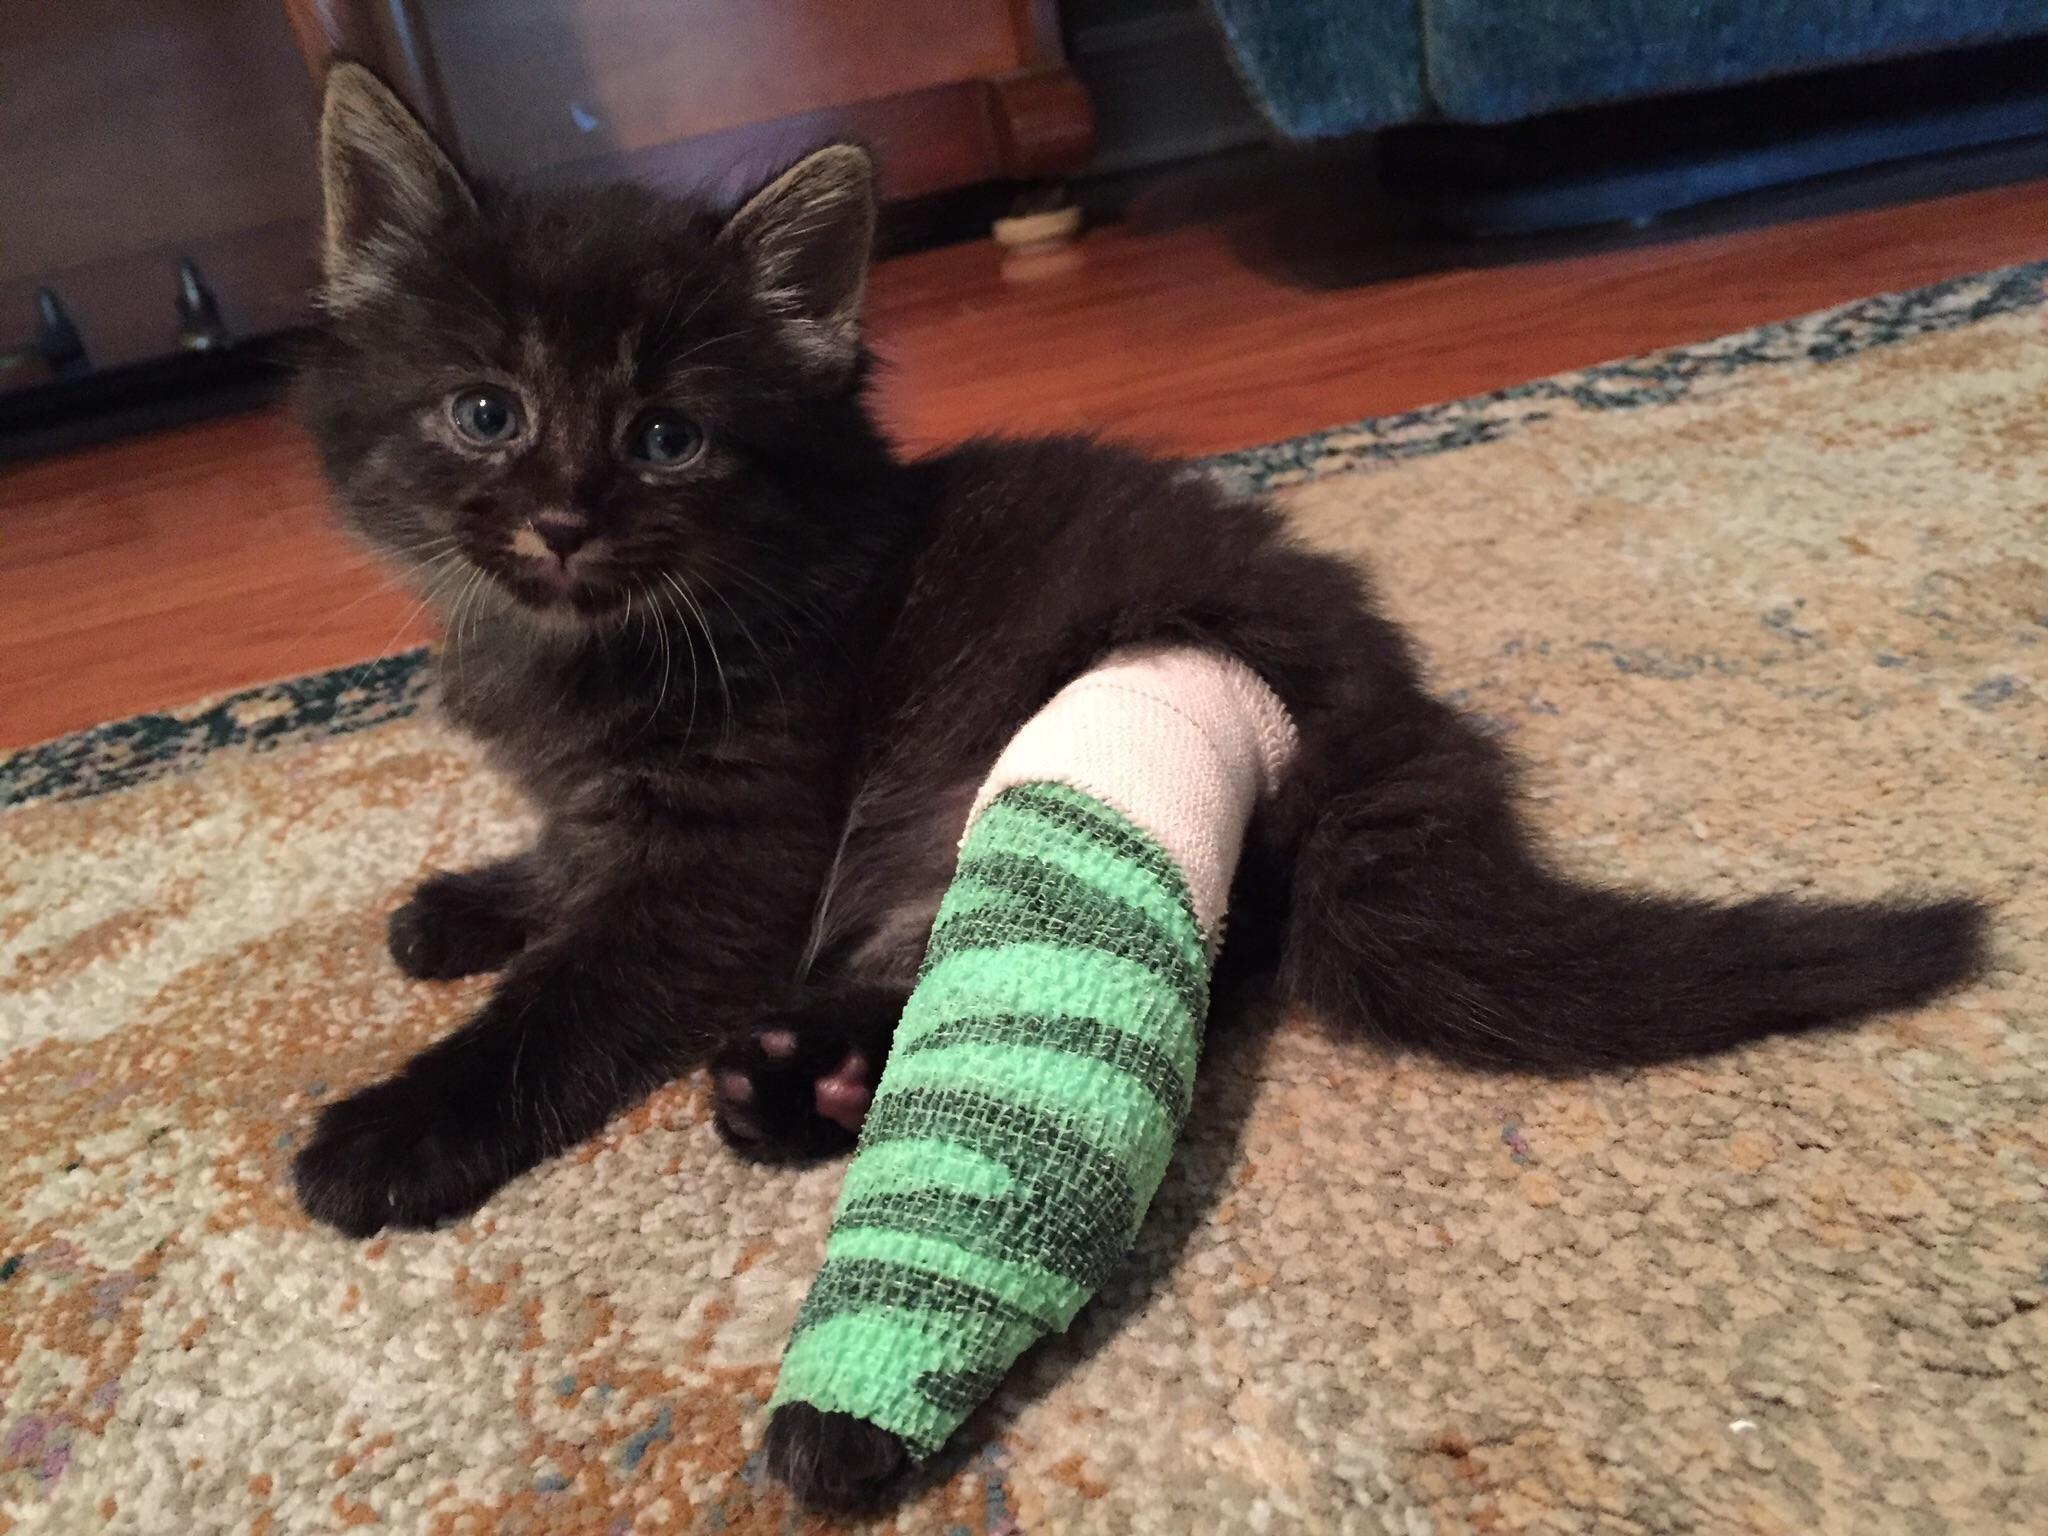 splint-a-cat